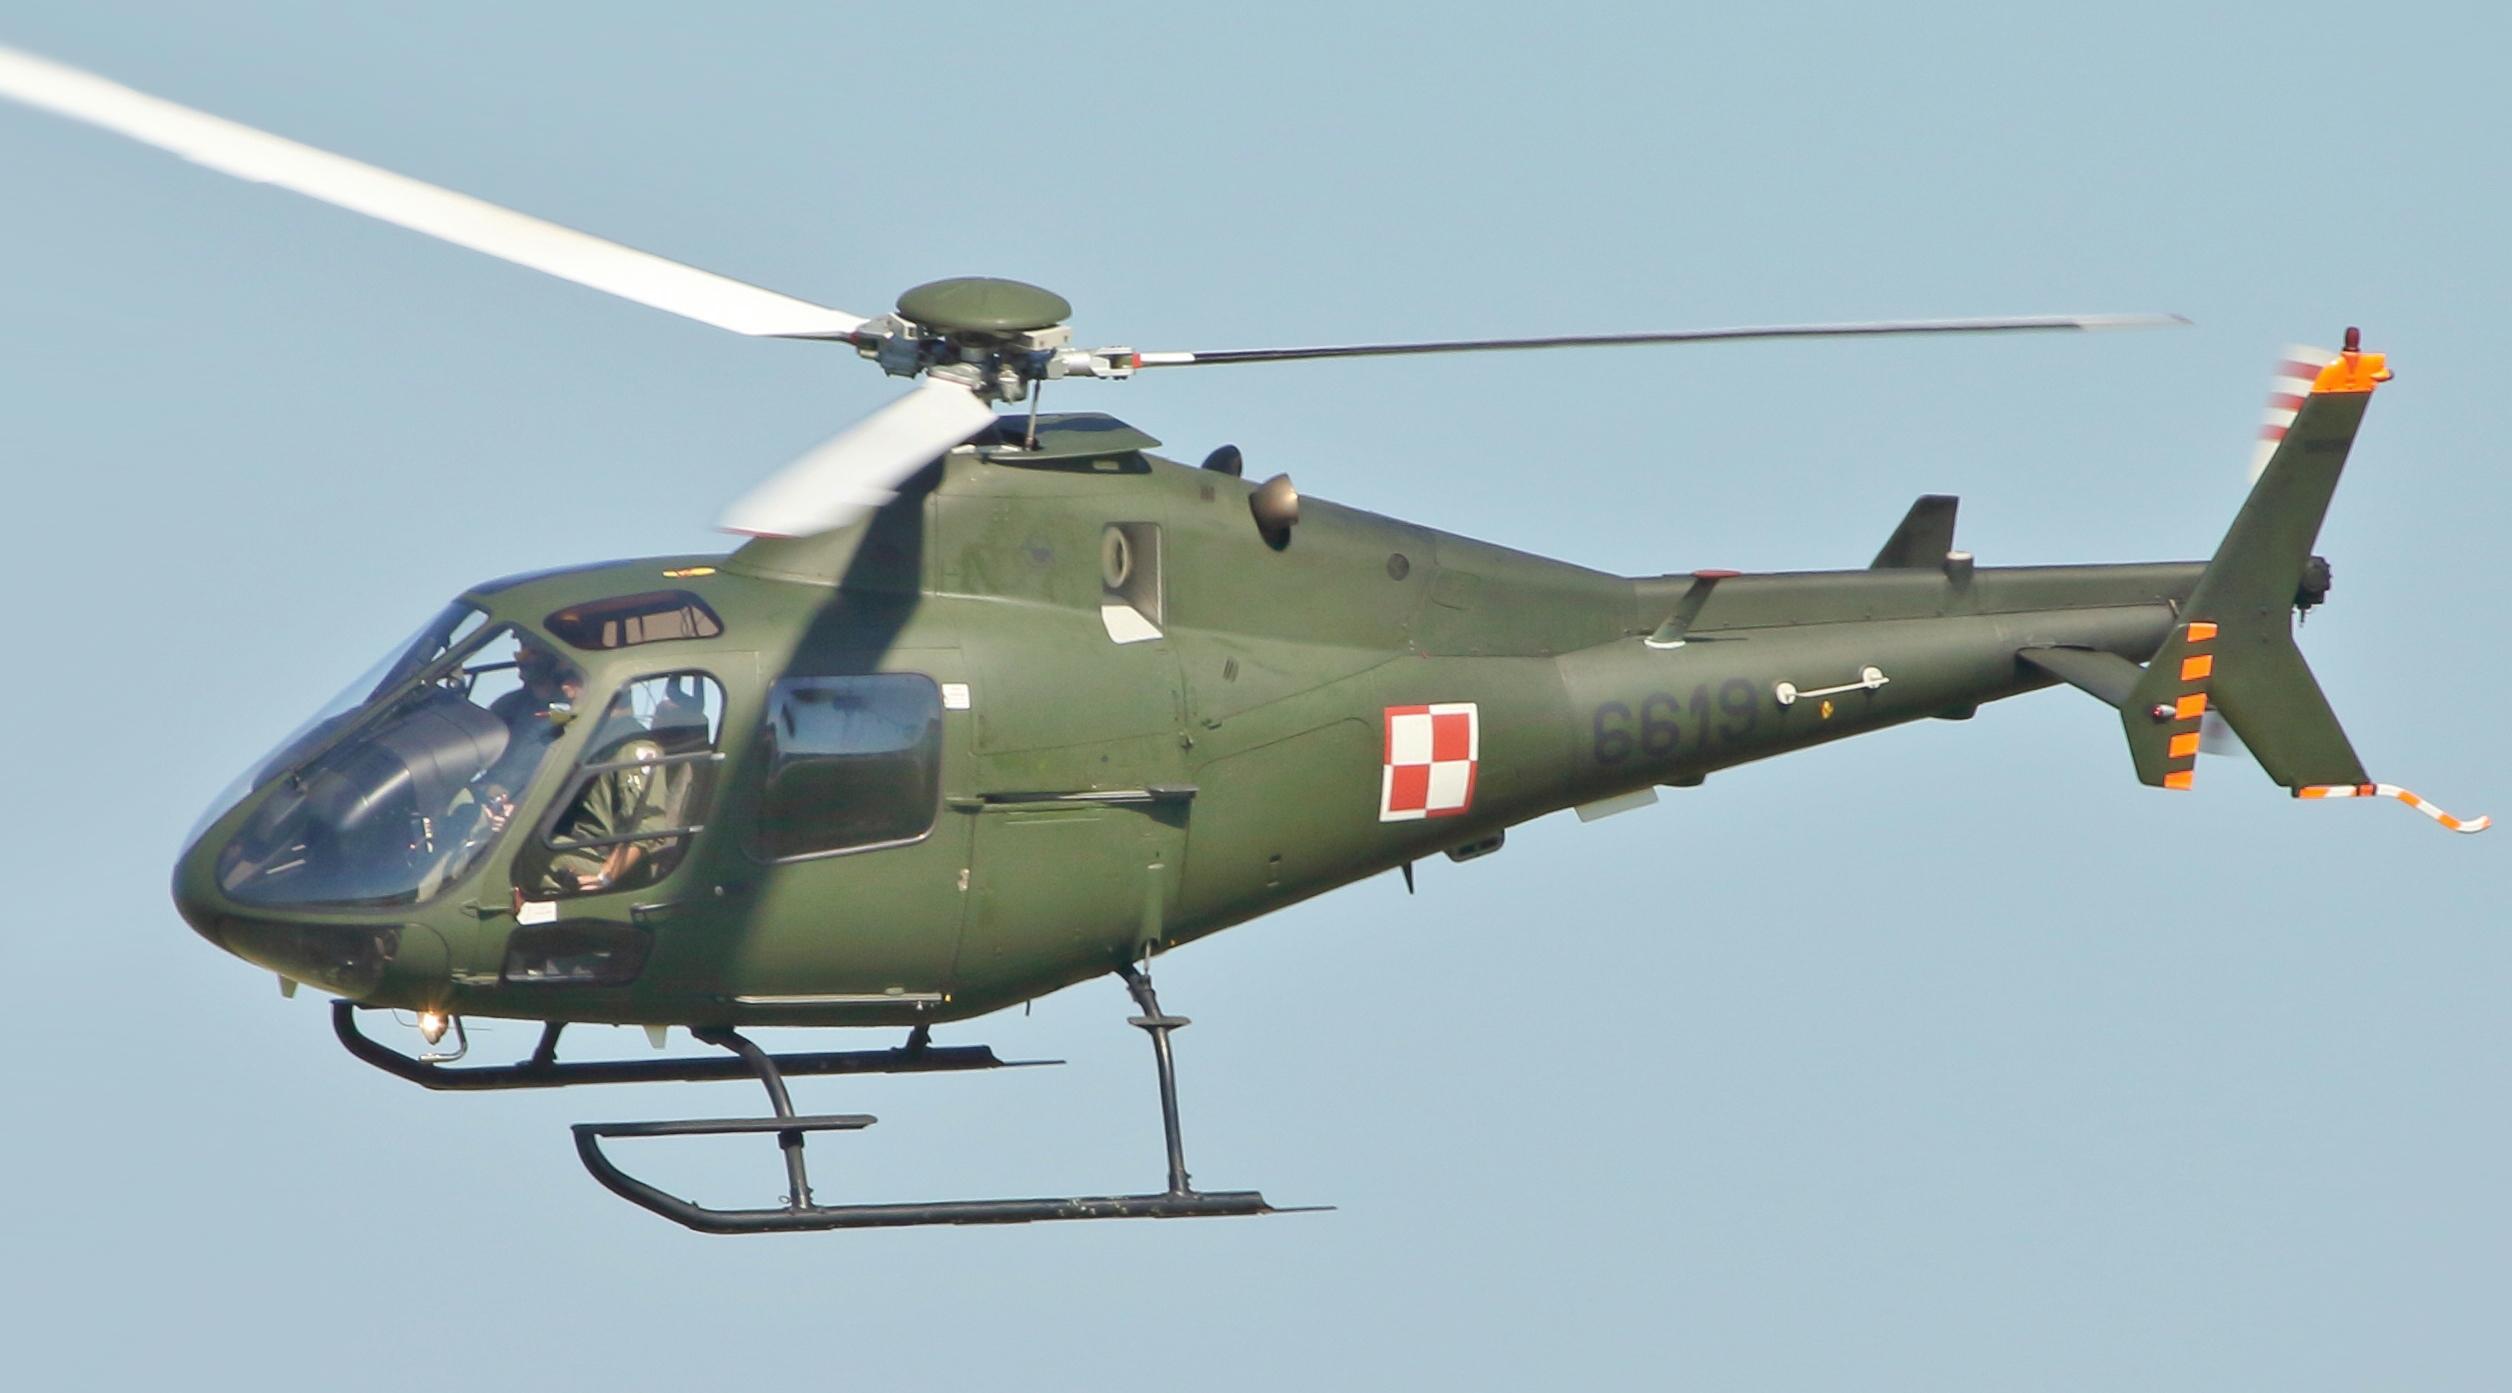 PZL SW-4 - Wikipedia